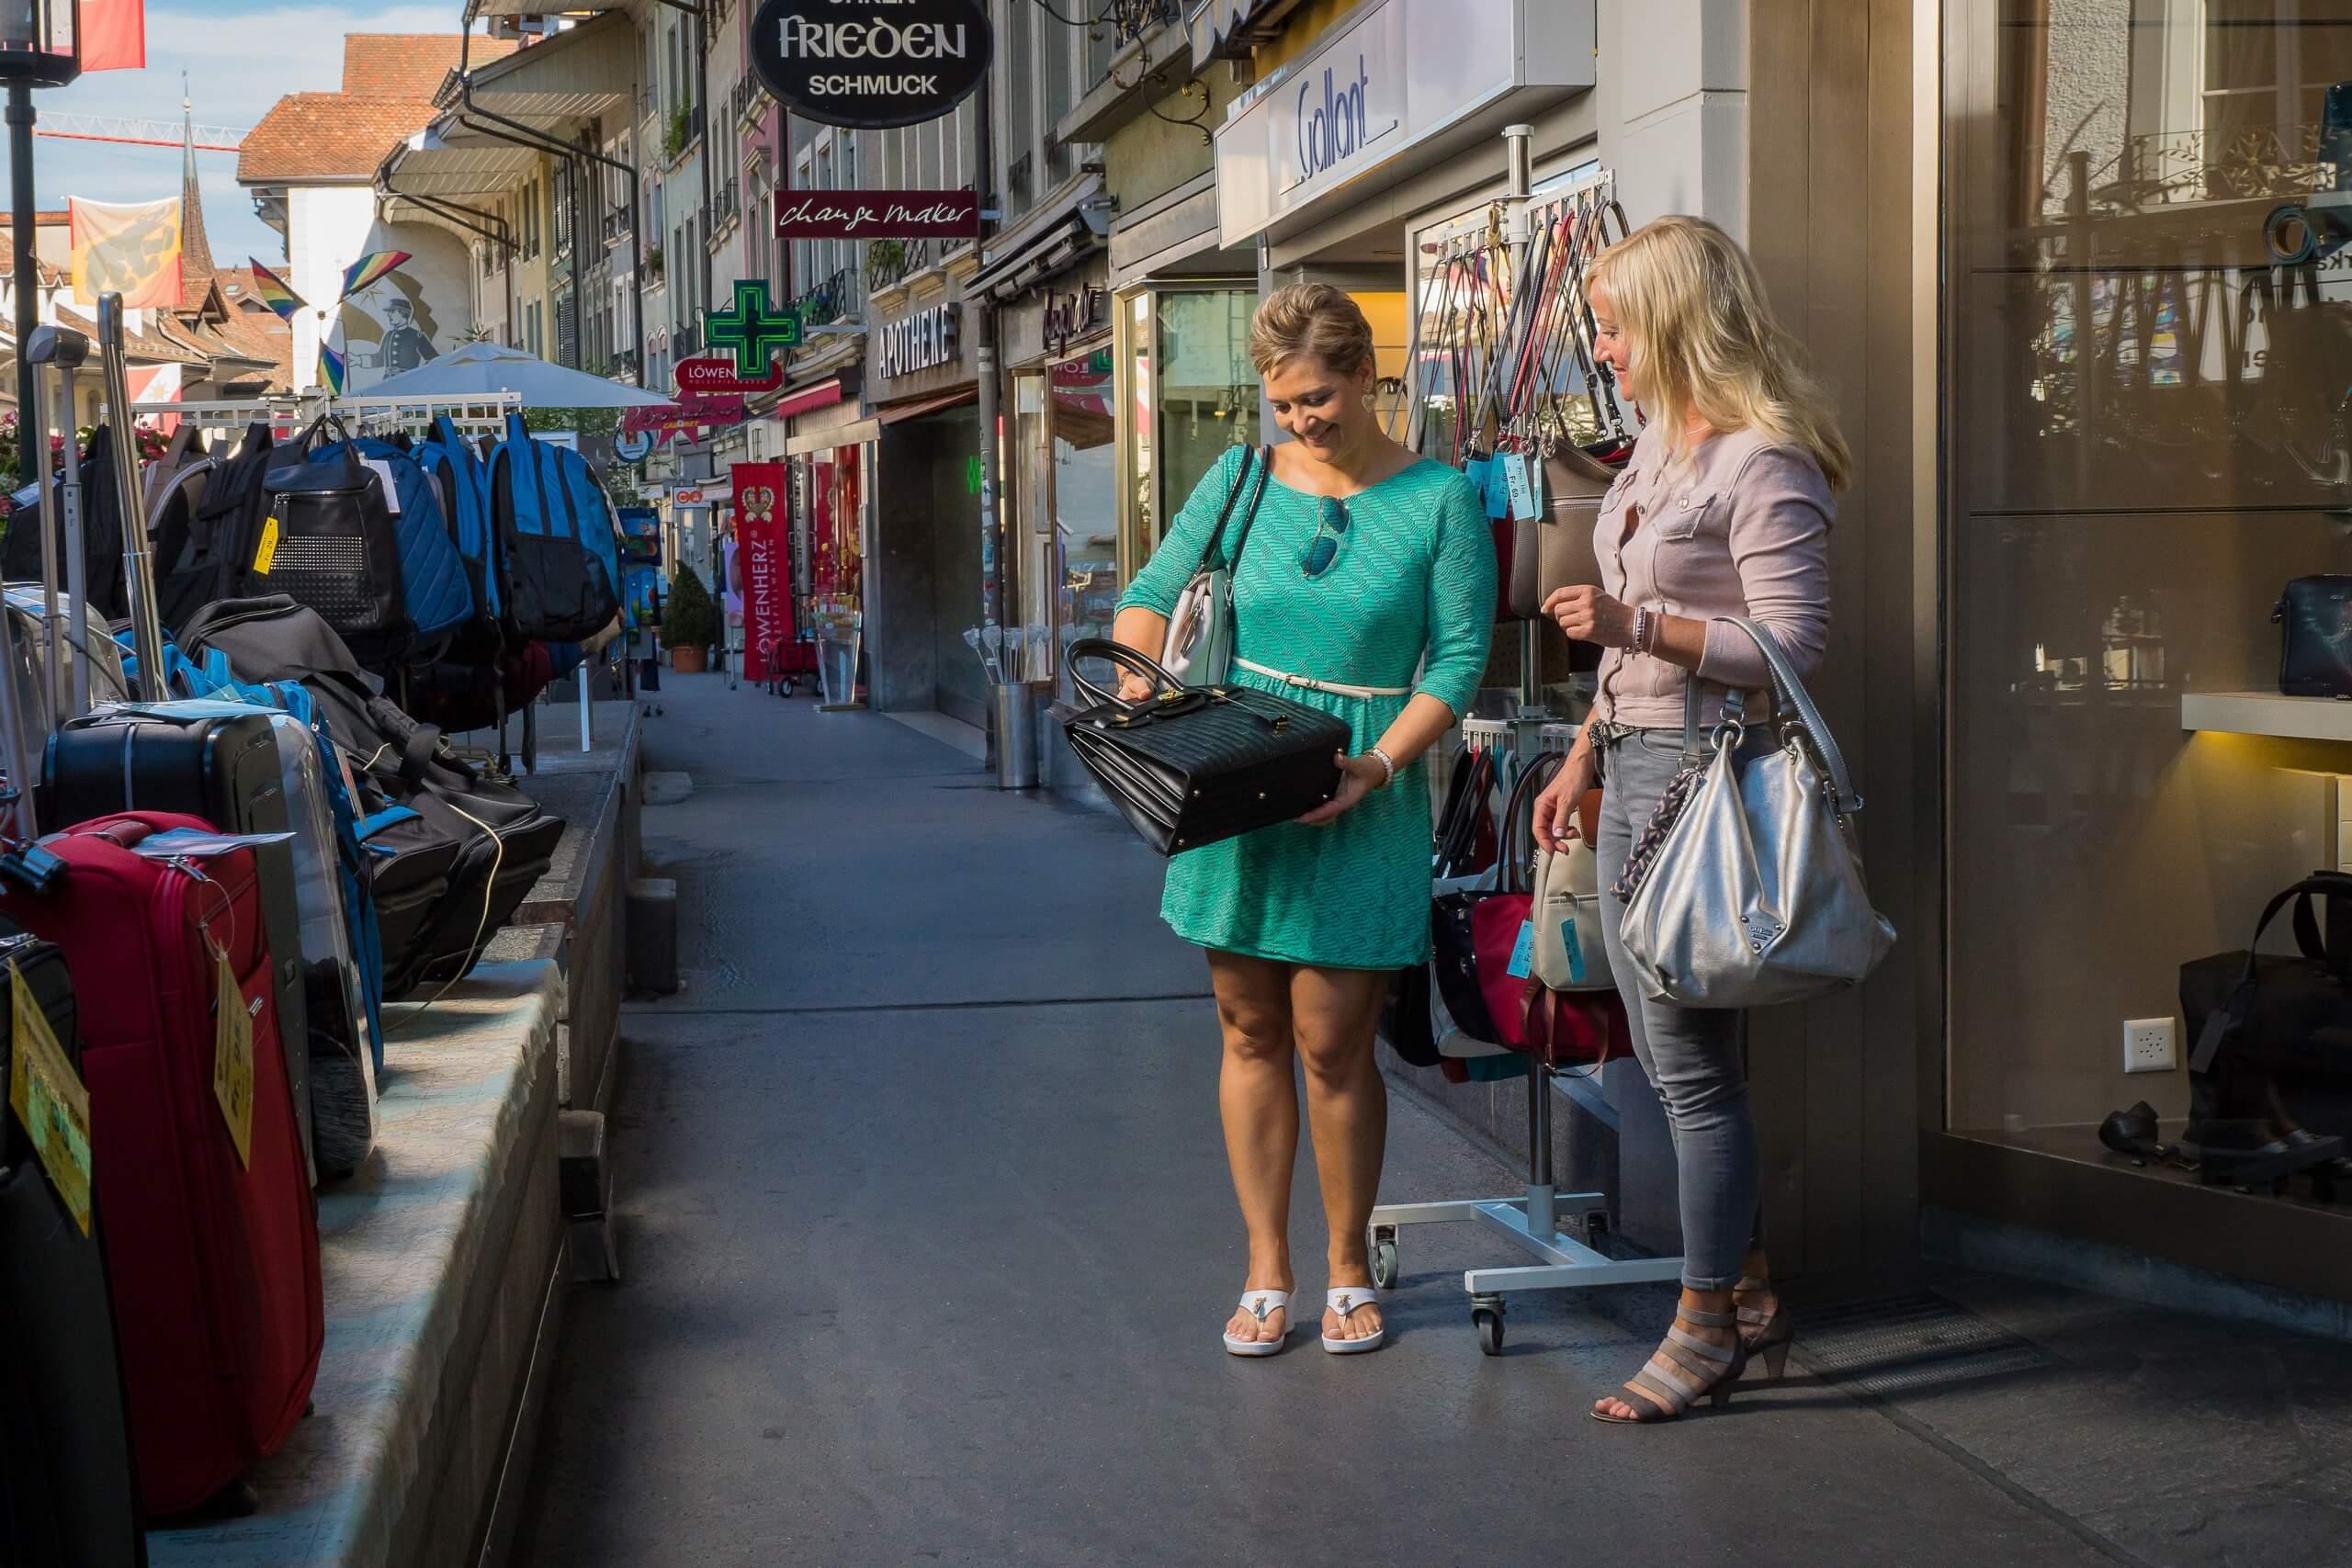 thun-altstadt-shopping-laden-sommer